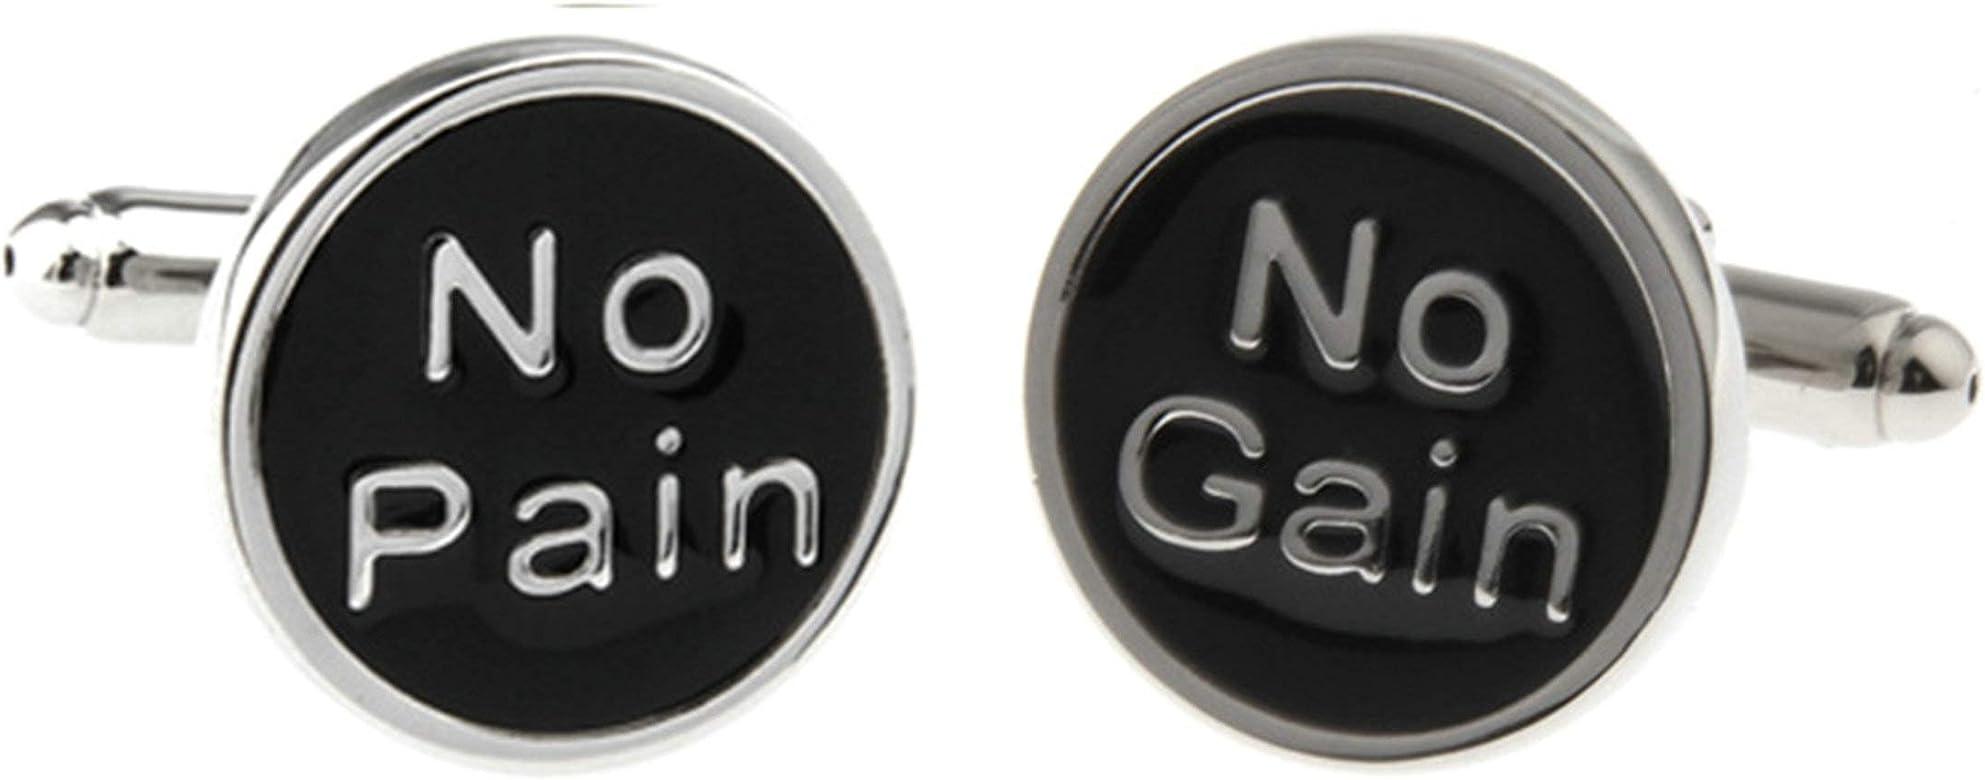 Aeici Gemelos Camisa Personalizados Gemelos Camisa Hombre Boda No Pain, No Gain Gemelos Novio Plata Negra: Amazon.es: Joyería